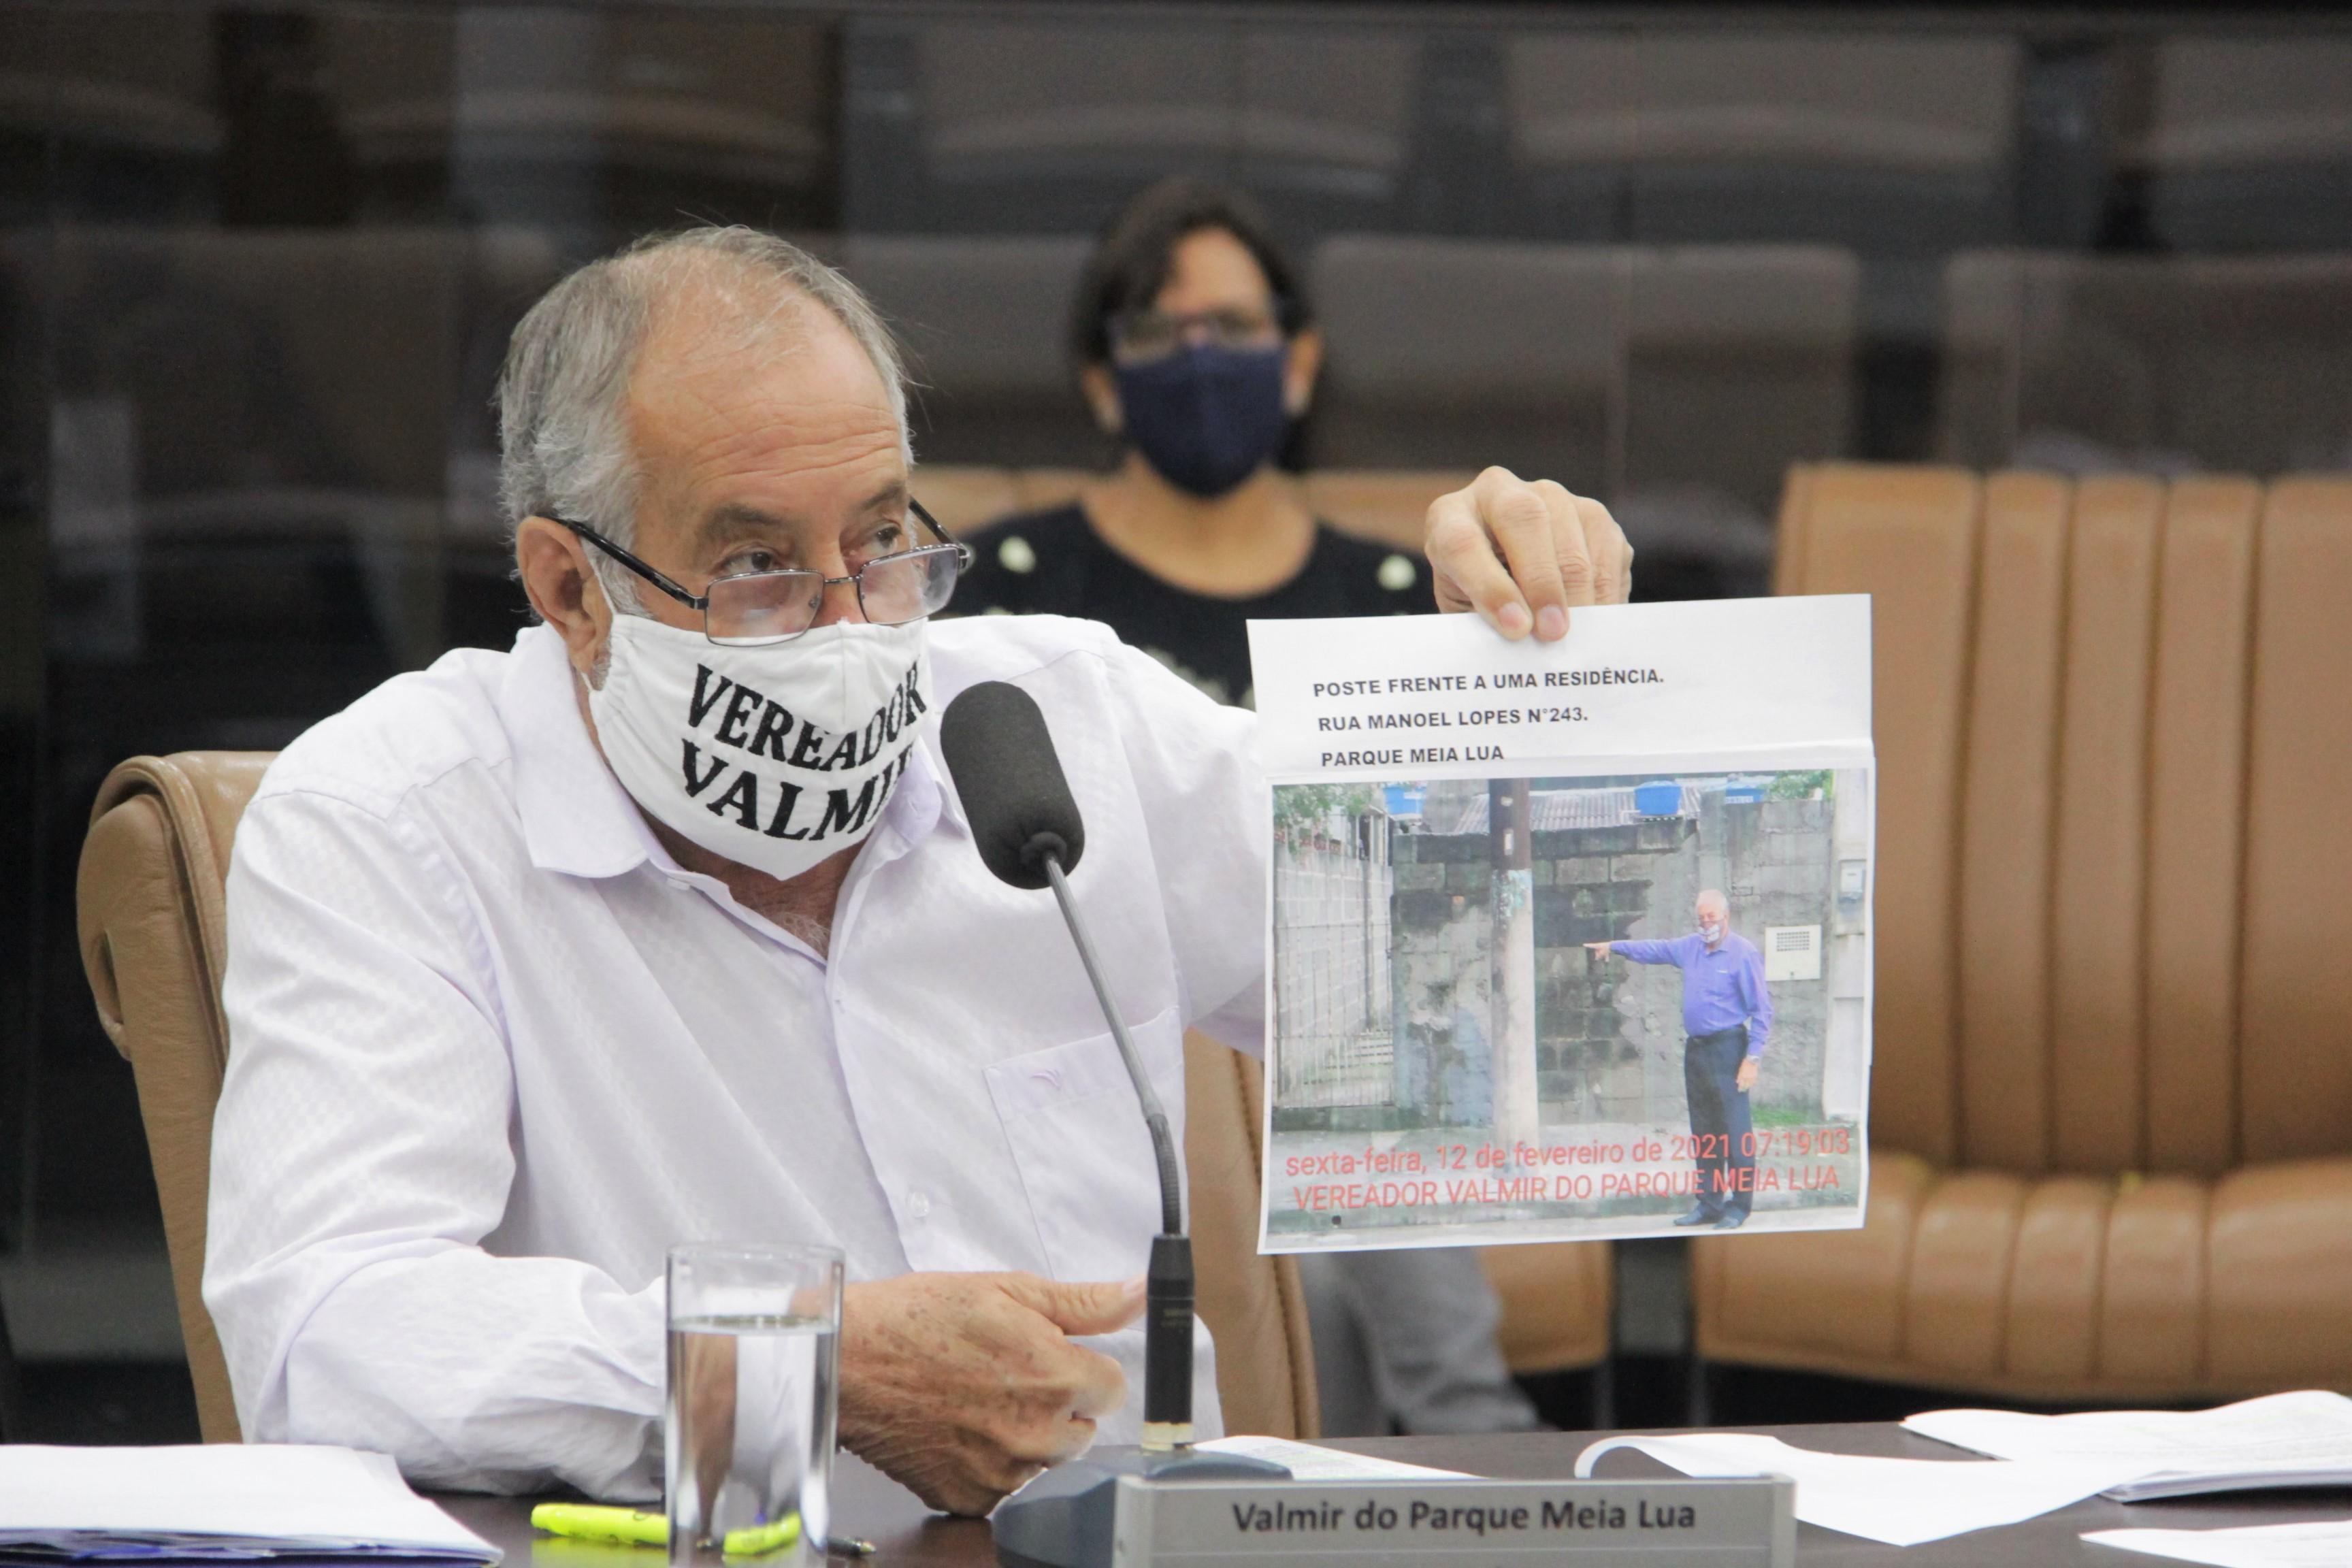 Valmir questiona pontos do contrato entre a Prefeitura e Ambiental